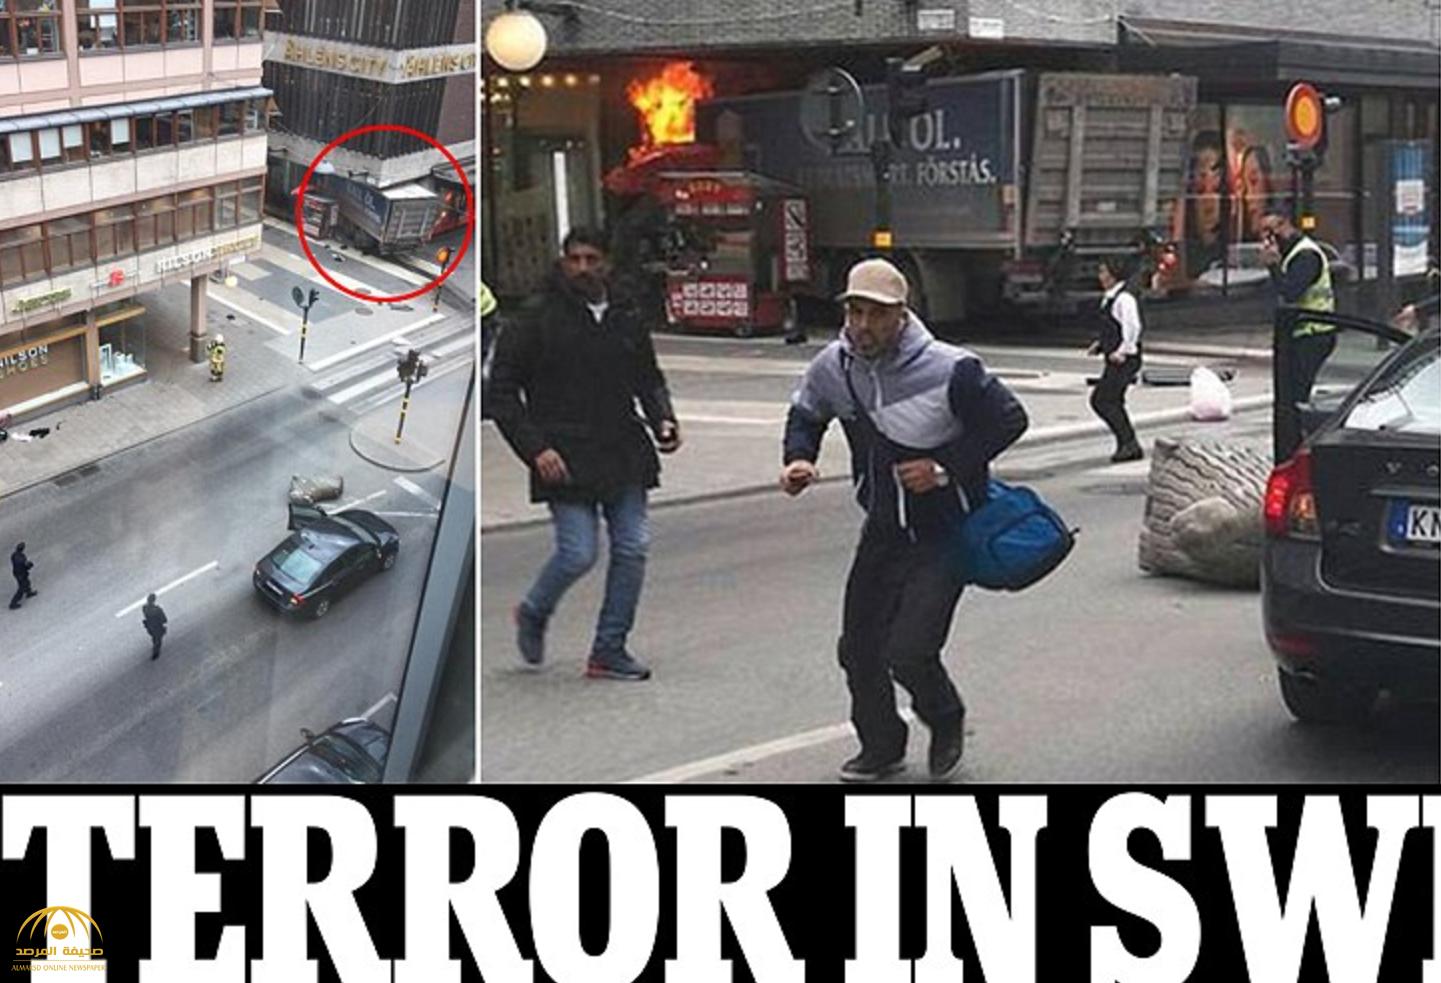 السويد..مقتل 3 أشخاص  في عملية دهس متعمد  وسط ستوكهولم-فيديو